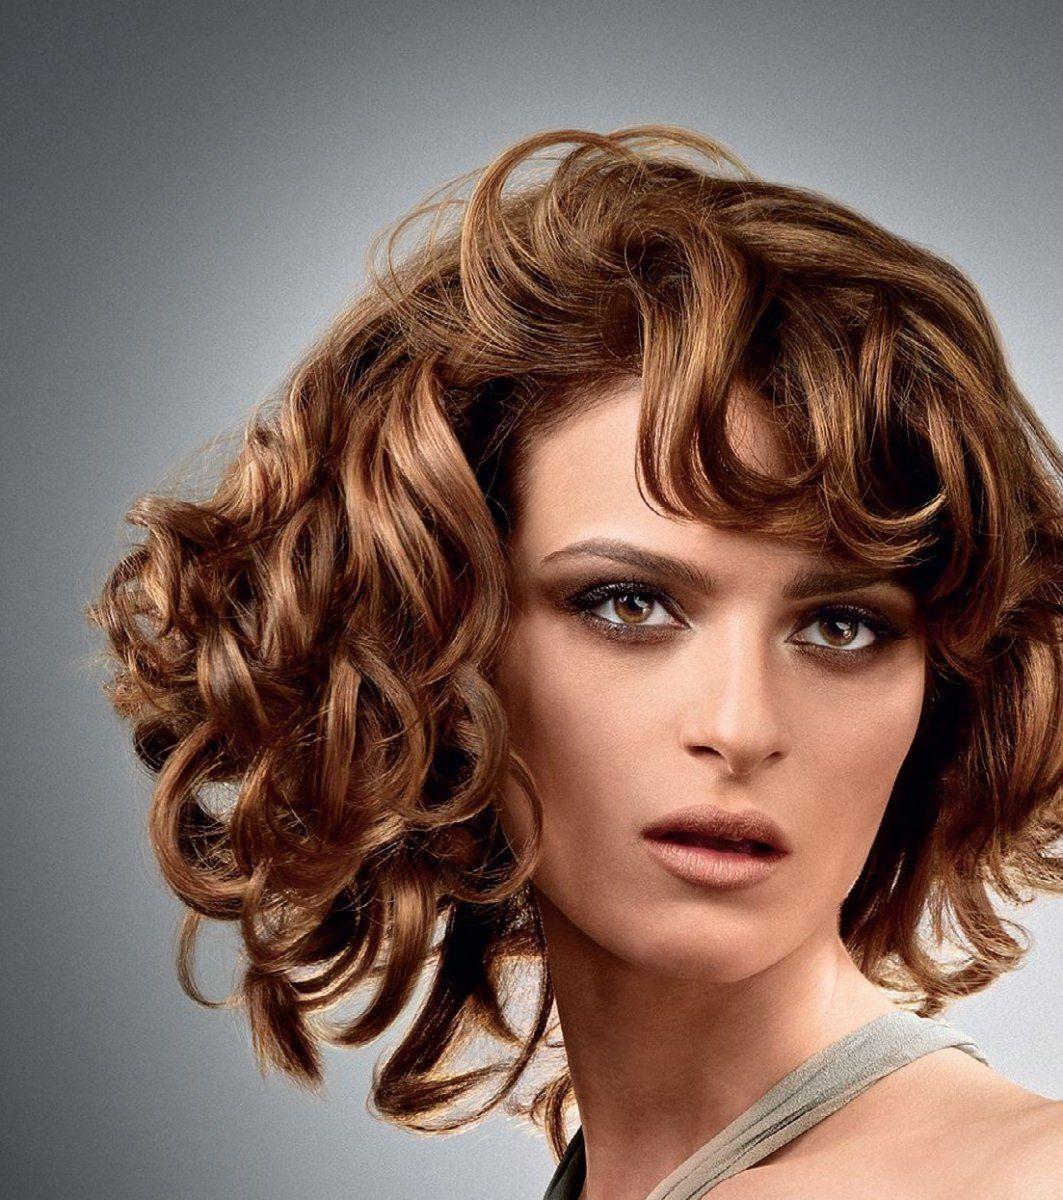 картинки причесок для вьющихся волос цветом волос, добавляйте